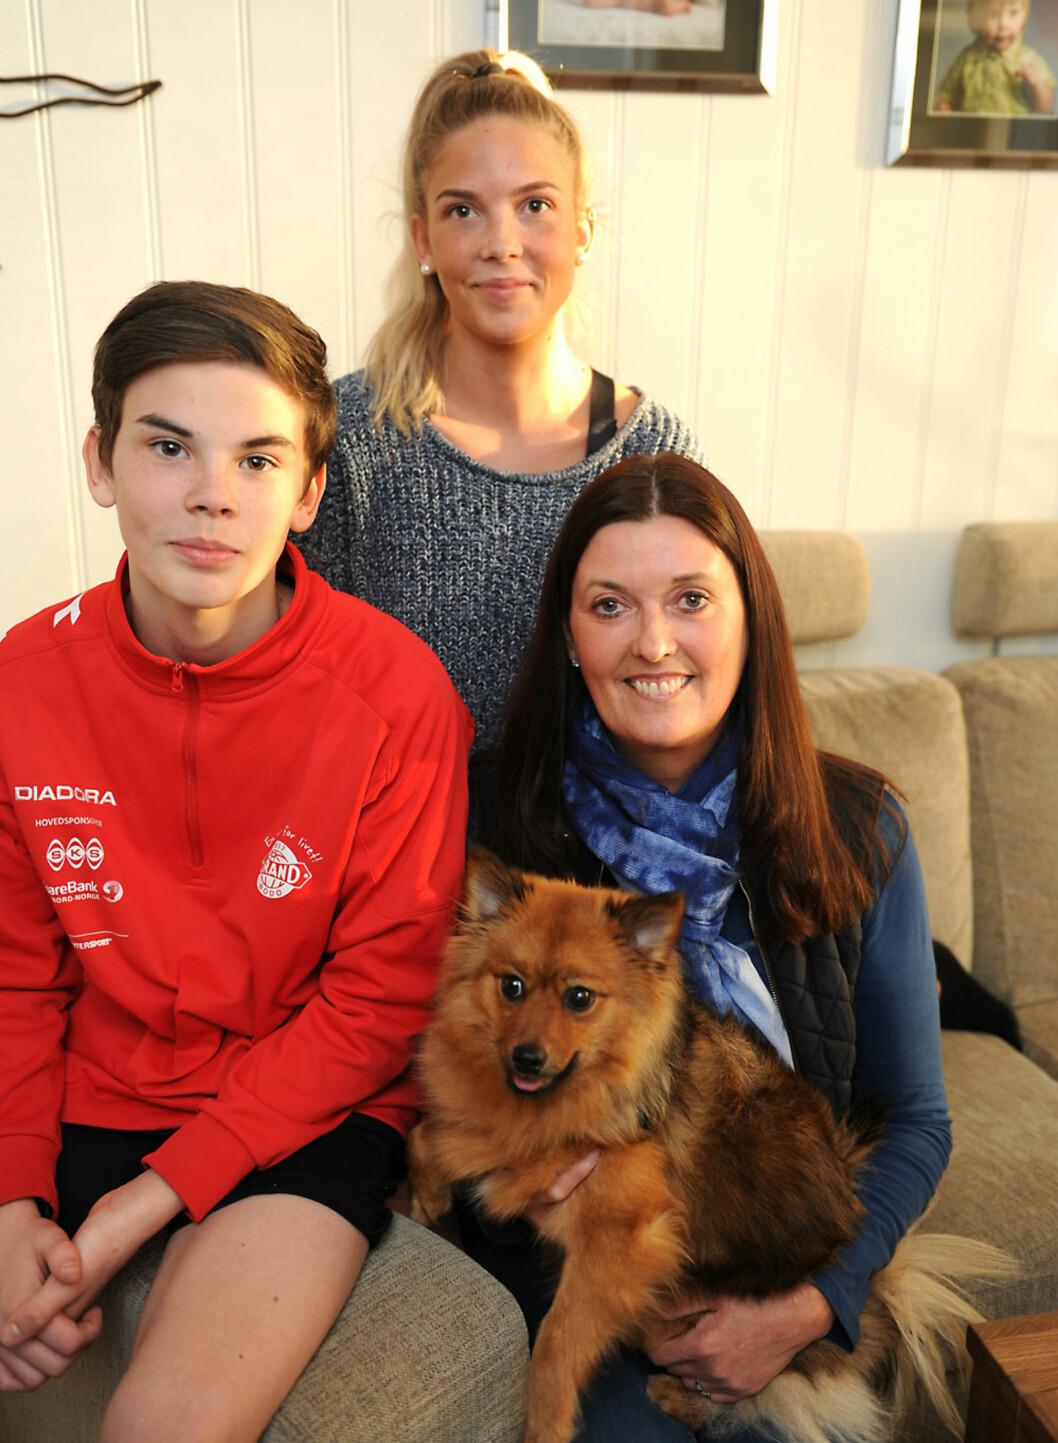 TOBARNSMOR: – Å være mor, er min viktigste rolle, sier Monica. Her sammen med datteren Anette (18), sønnen Preben (14) og hunden Daisy (1).  Foto: Marianne Otterdahl-Jensen